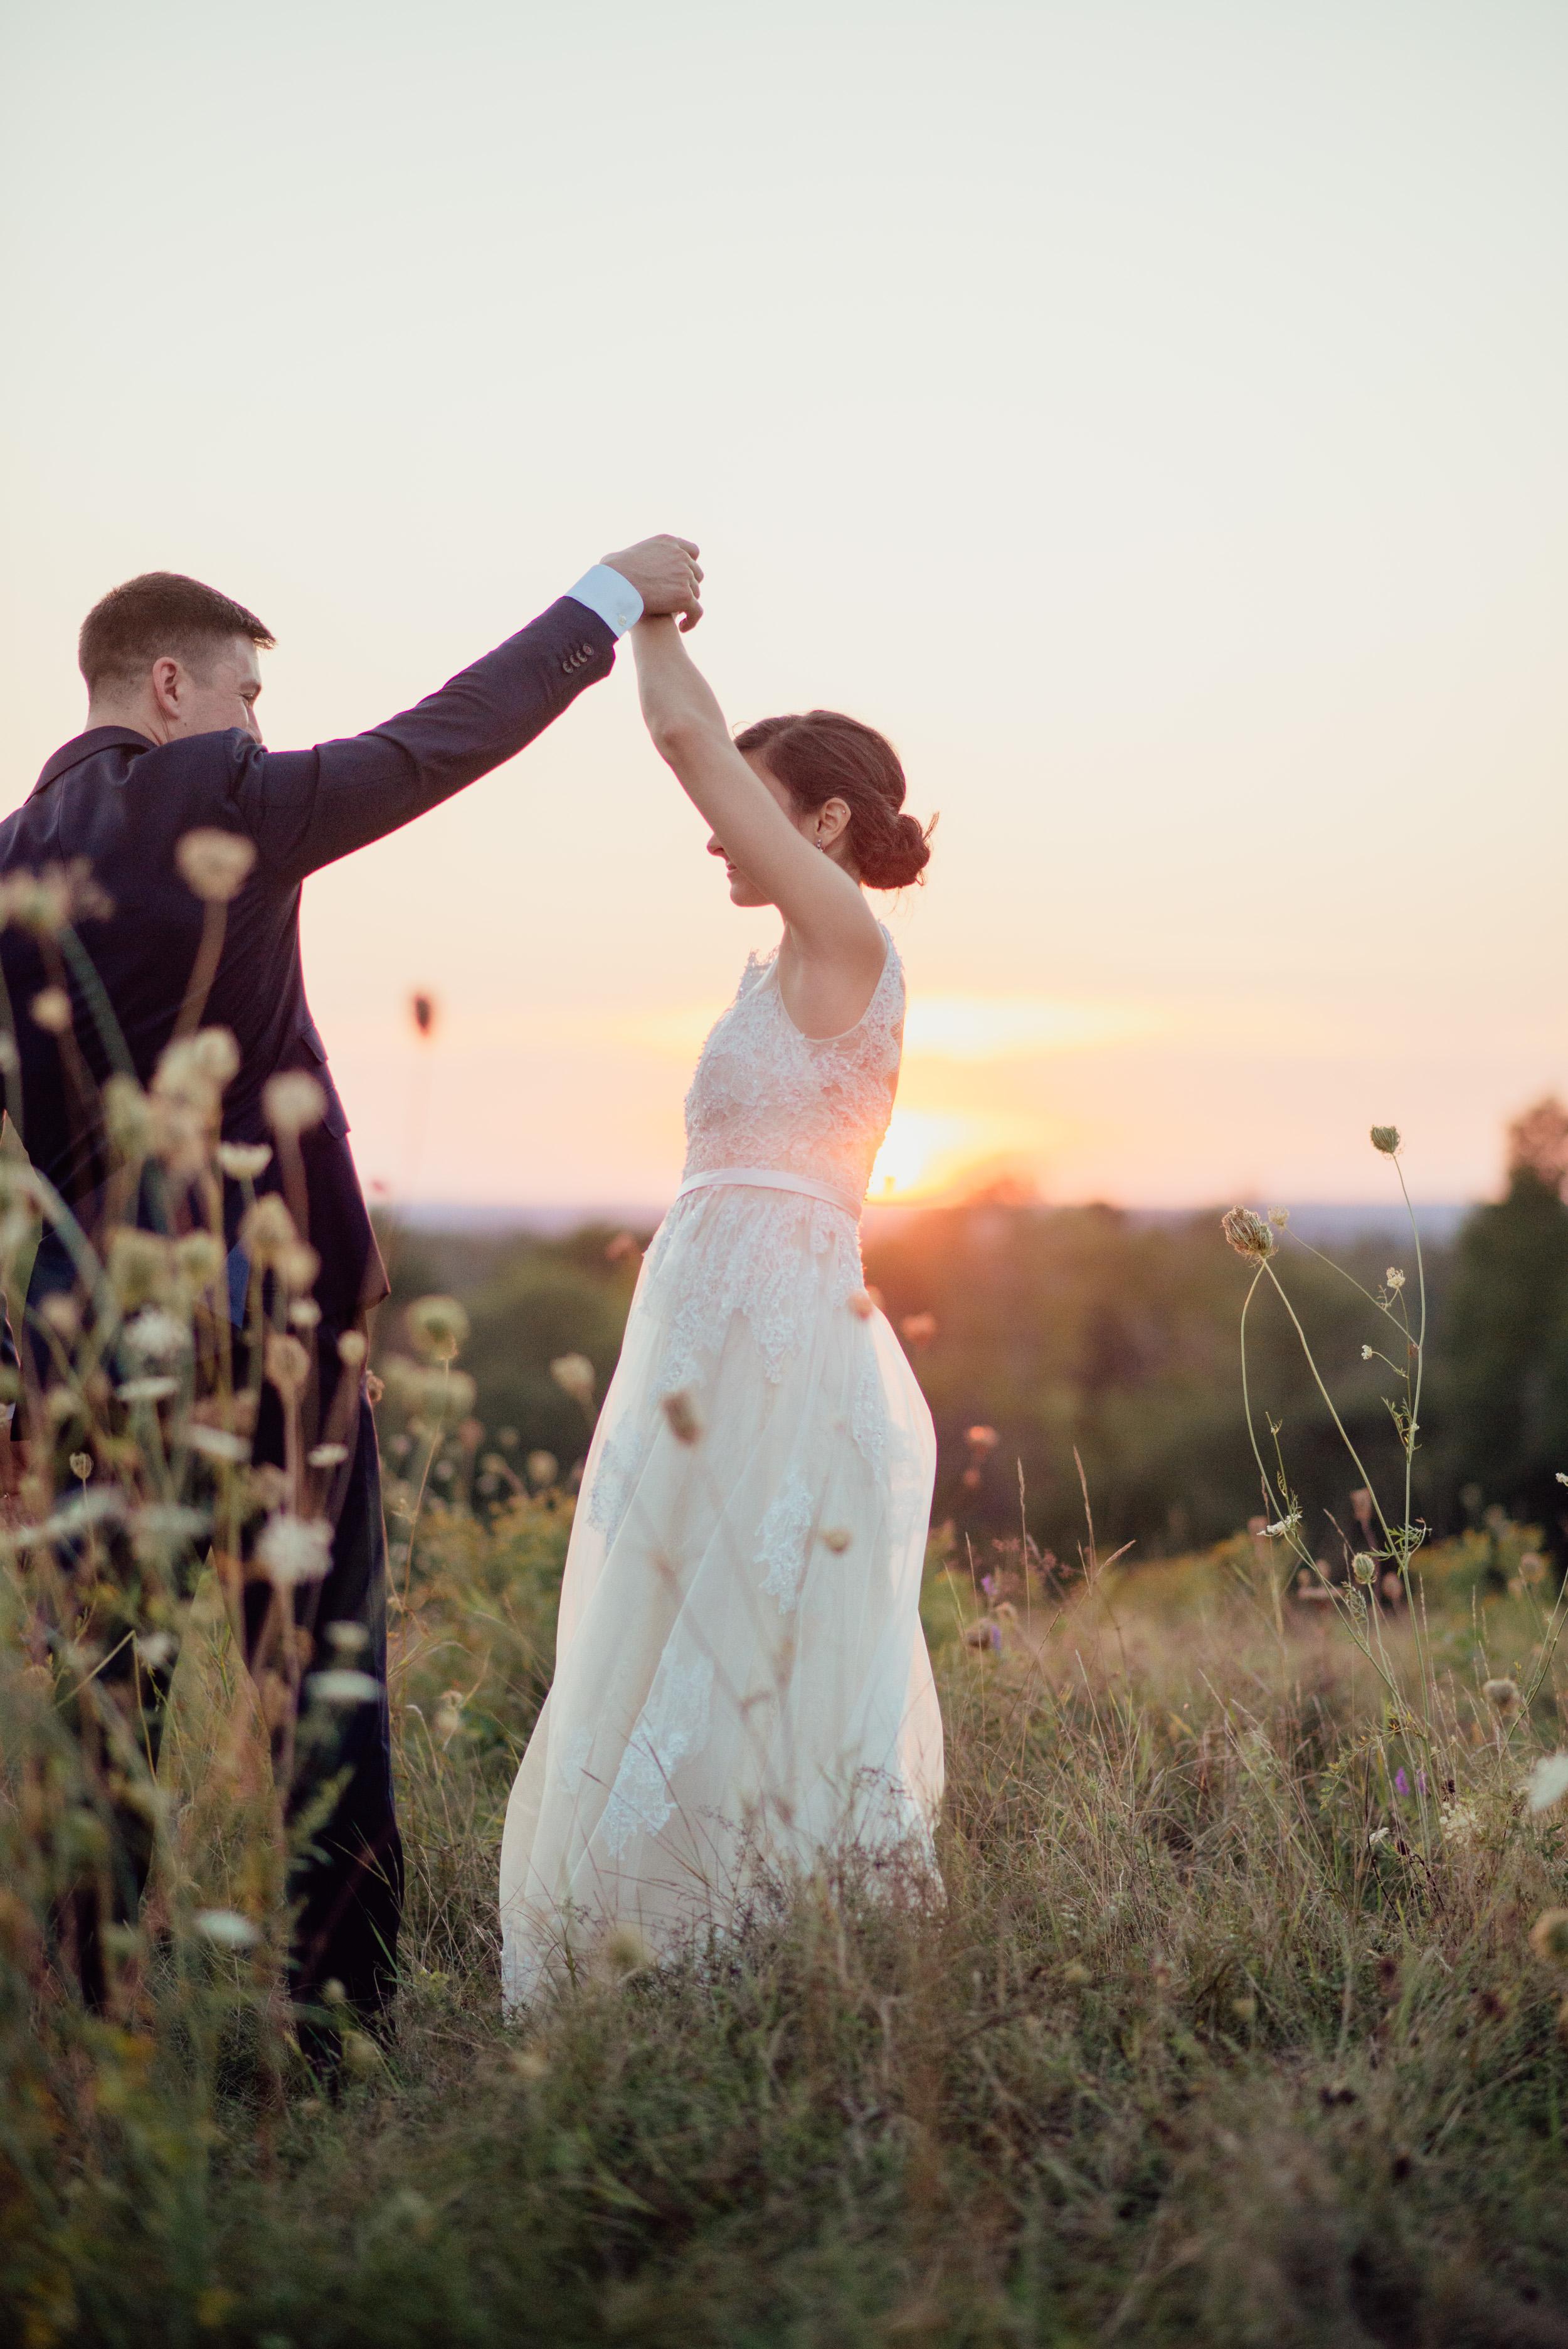 cleland-studios-weddings-56.jpg